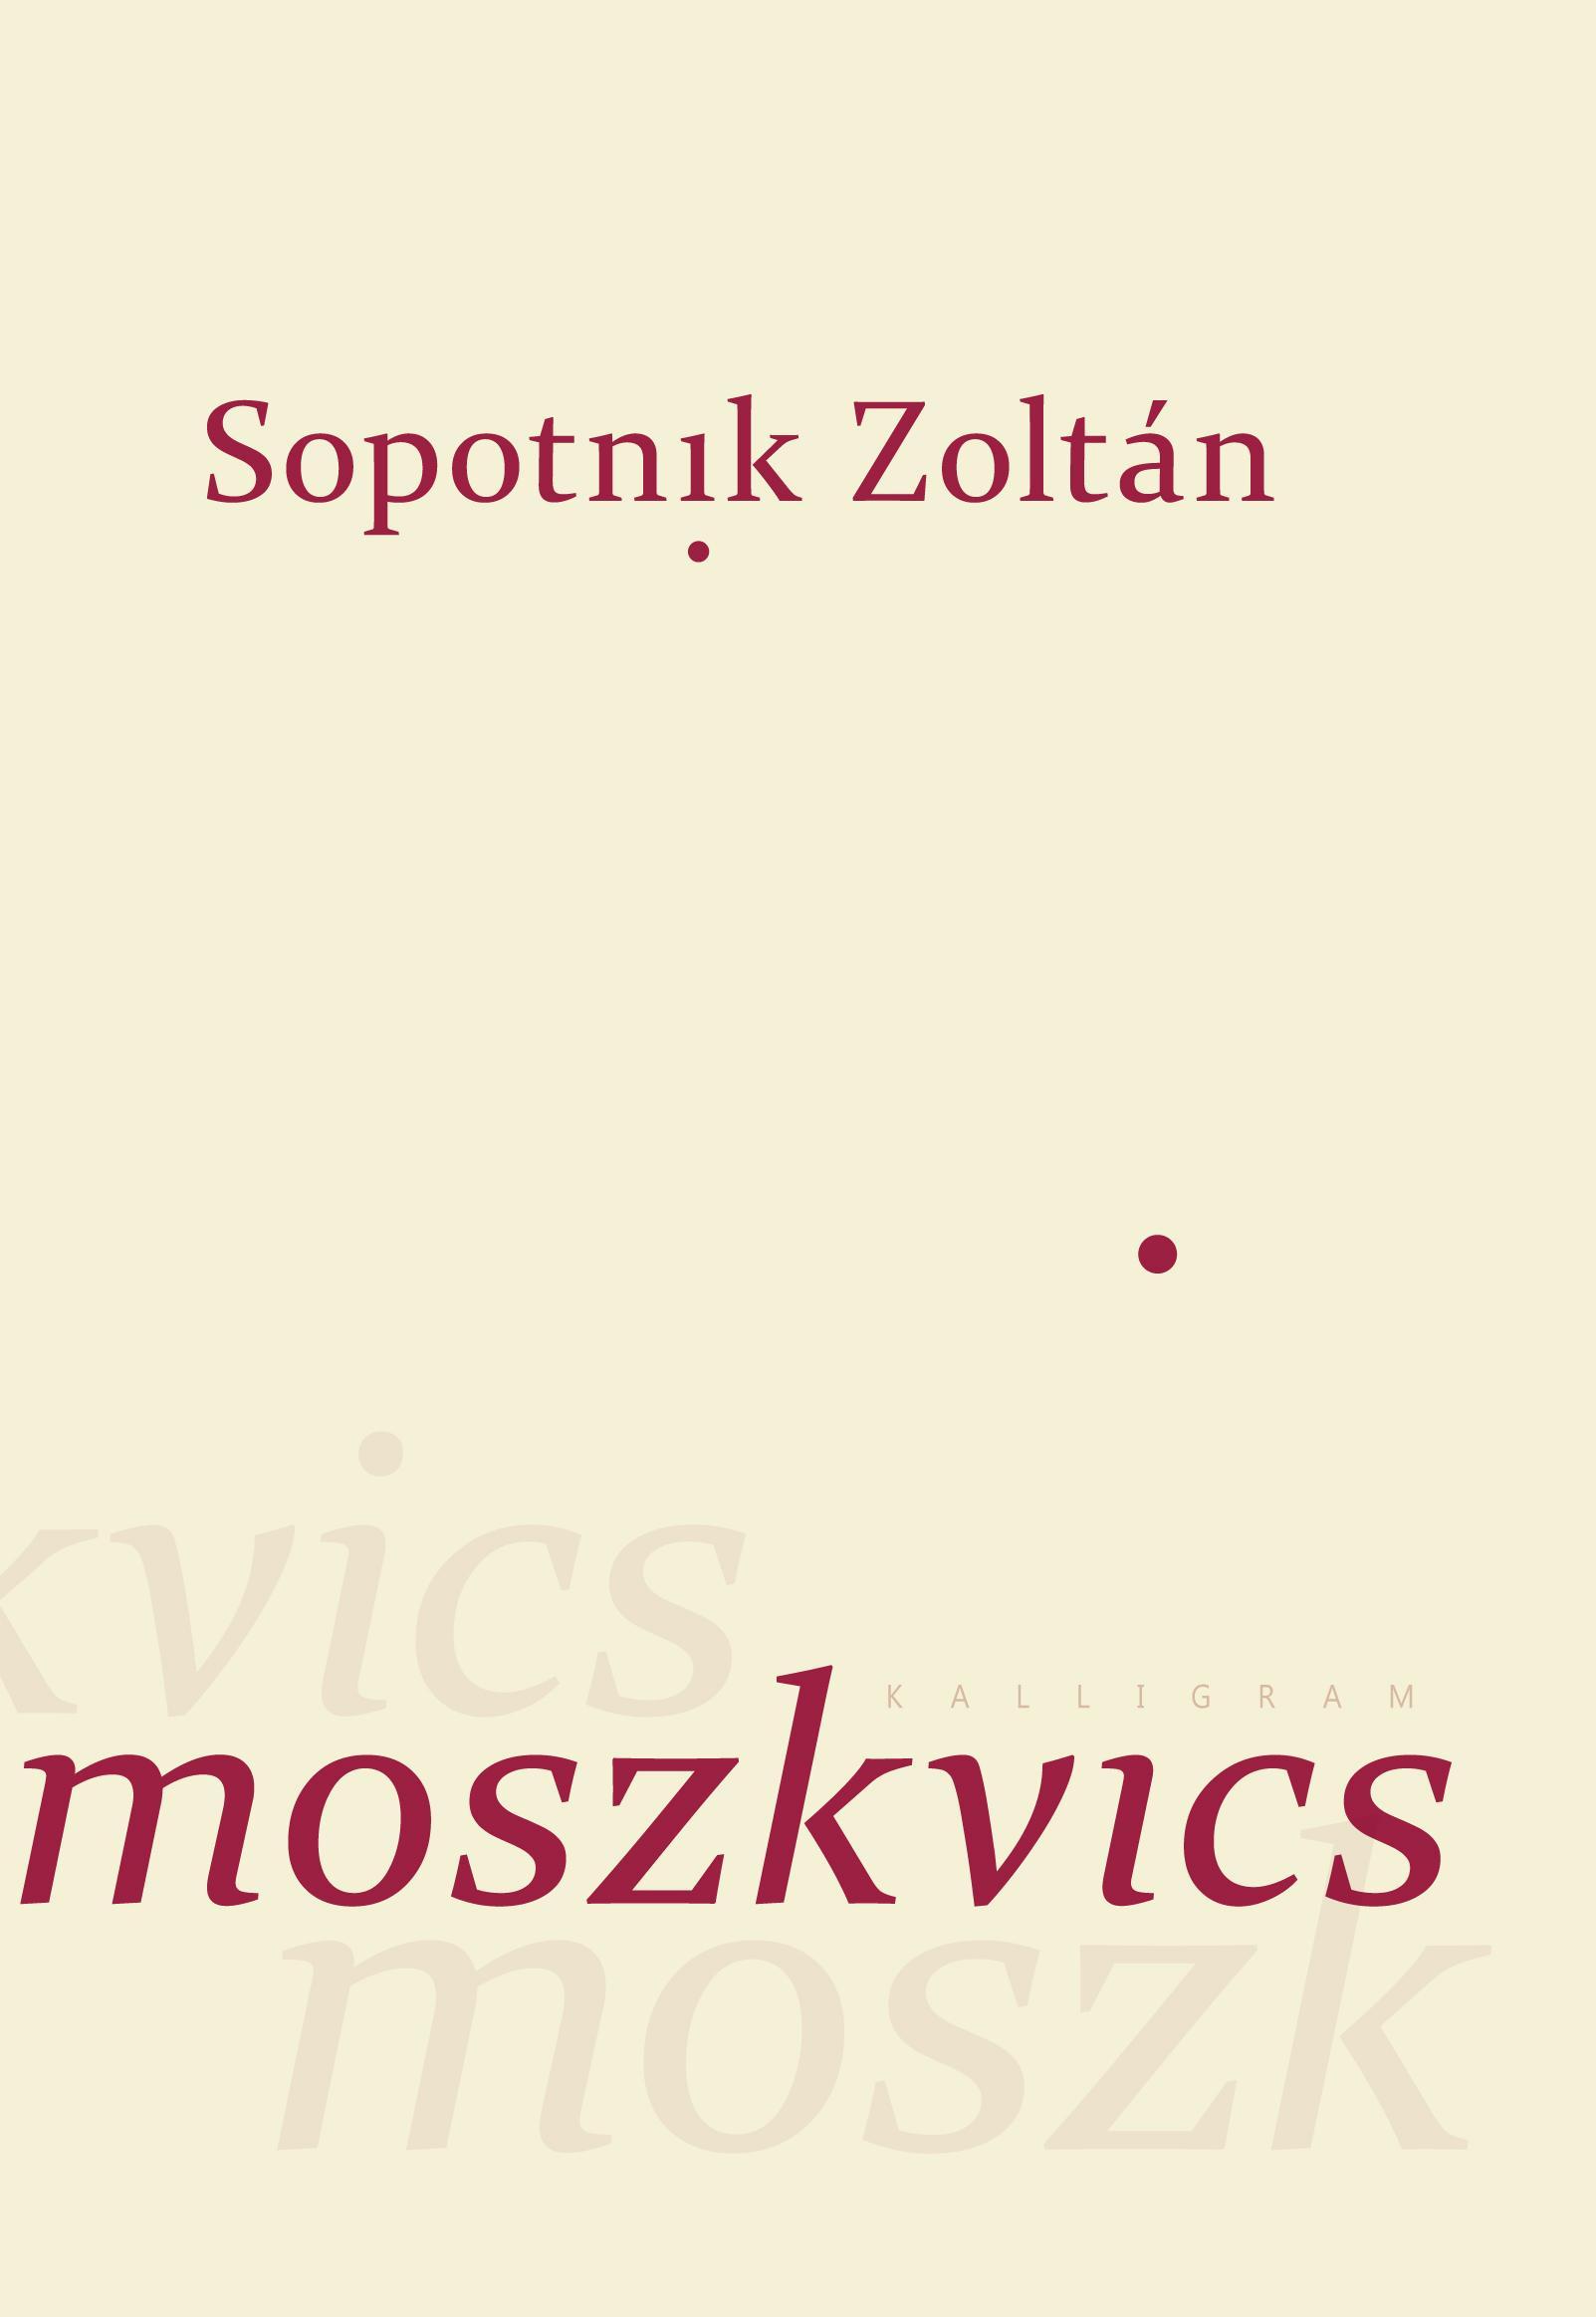 MOSZKVICS